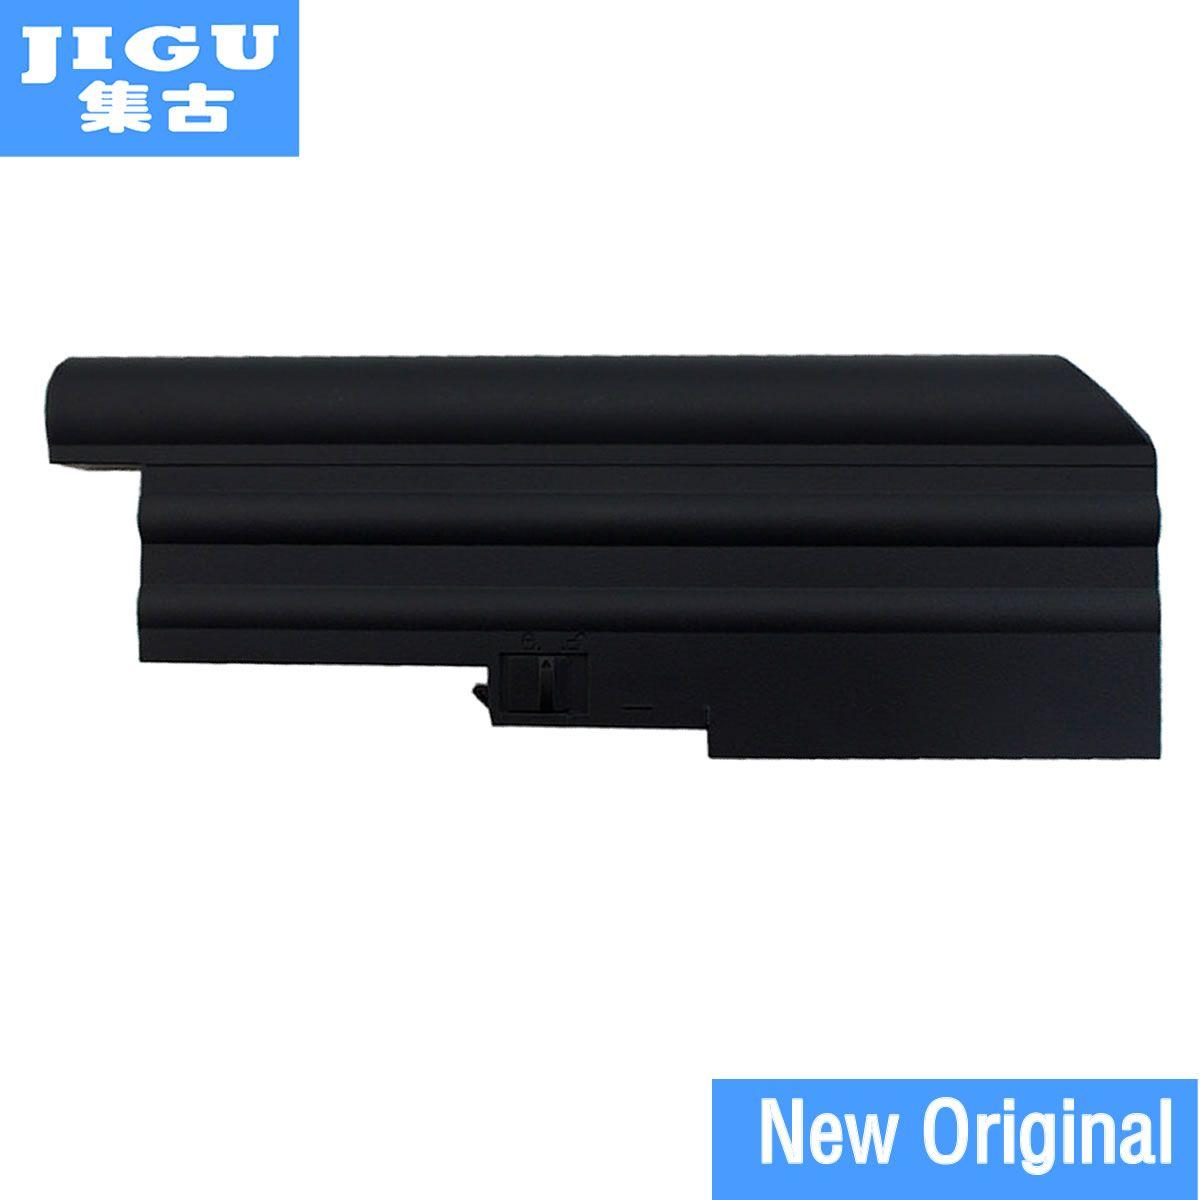 JIGU Original laptop Battery For Lenovo R60e R61 T60 T60p T61 T61p R500 T500 W500 SL400 SL500 SL300 9cell High capacity